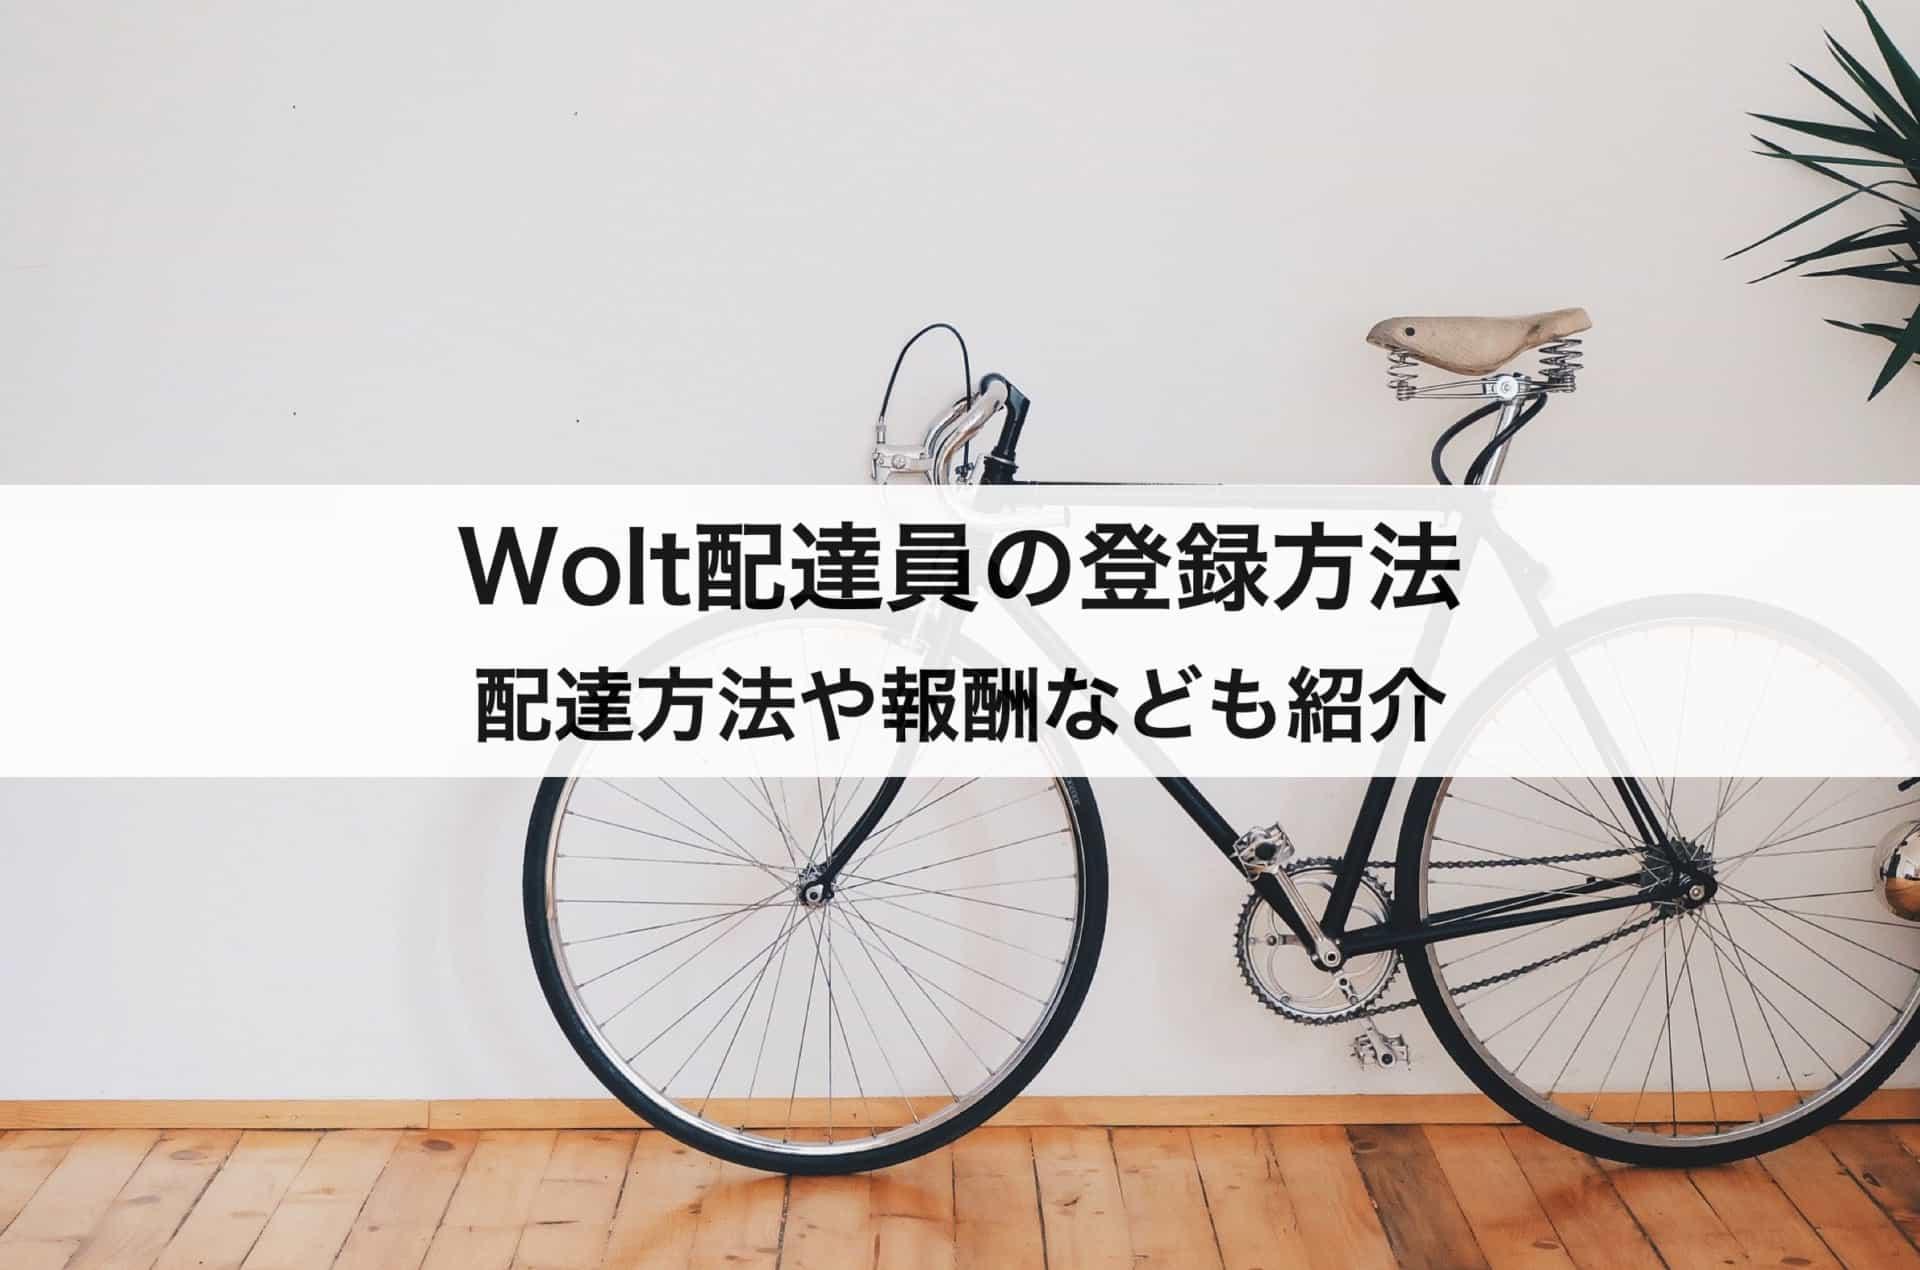 Woltの配達パートナー(配達員)の登録方法|配達方法や報酬なども紹介します!